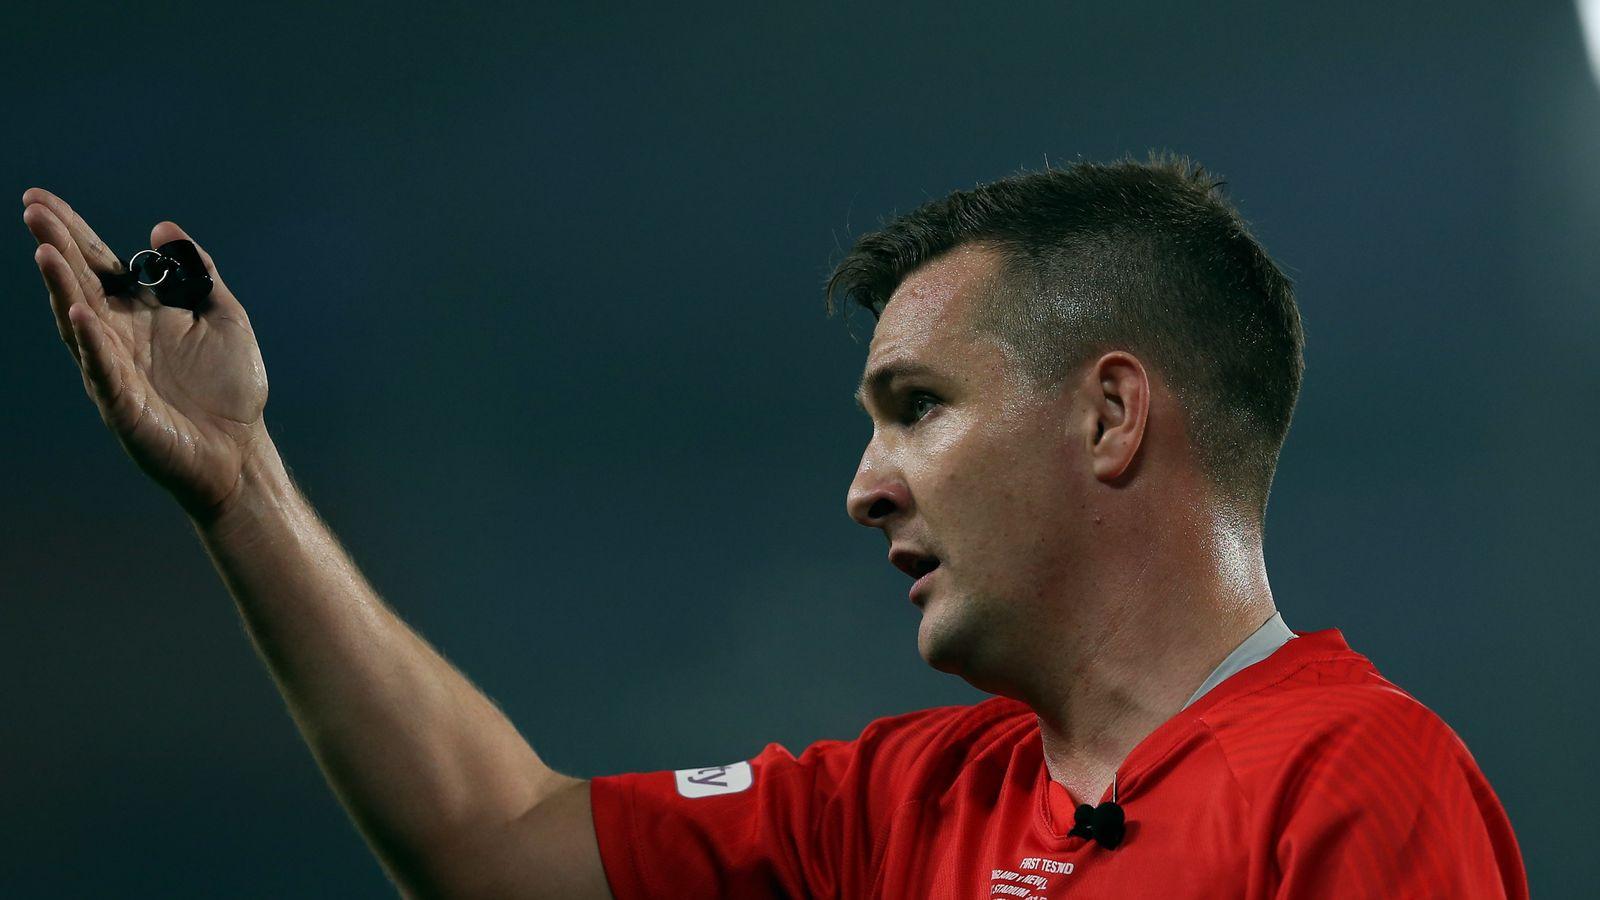 El árbitro de la Super League, Ben Thaler, se libró de cualquier irregularidad después de la suspensión   Noticias de la Liga de Rugby 1